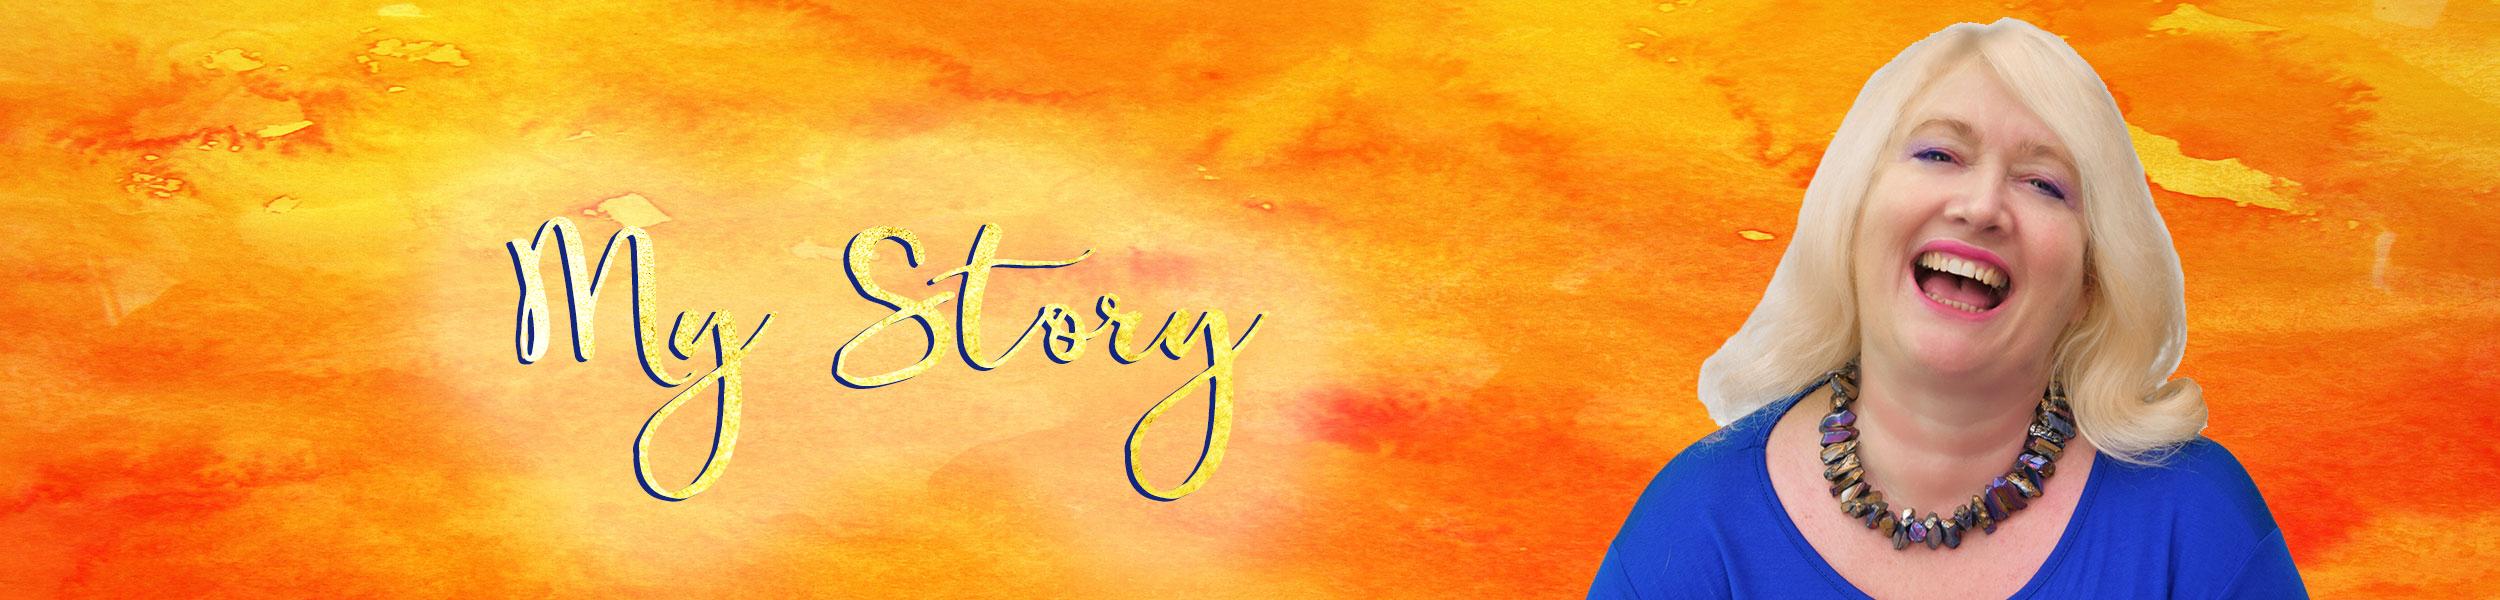 My Story - Kimberley Lovell